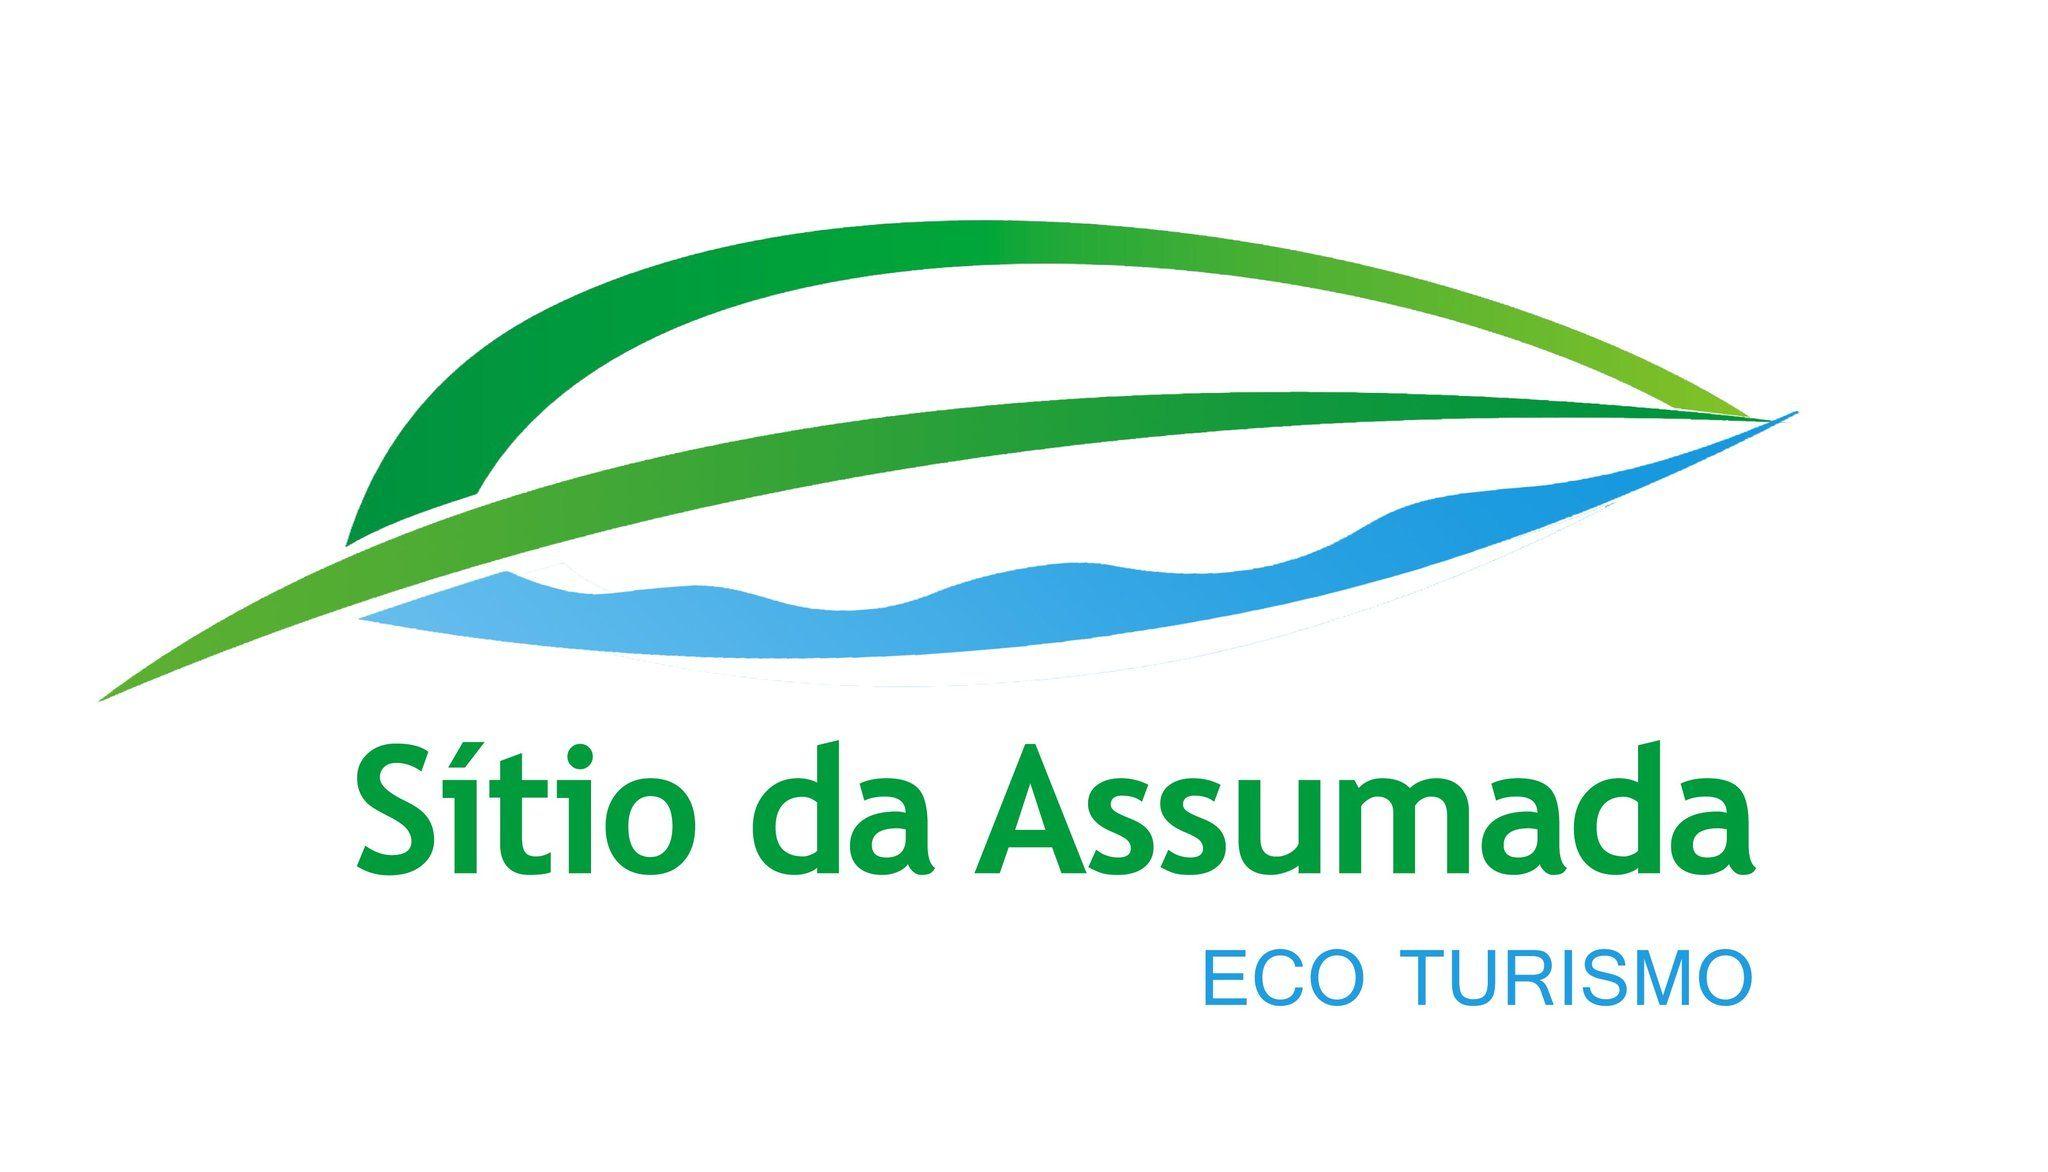 生态旅游阿苏马达旅馆